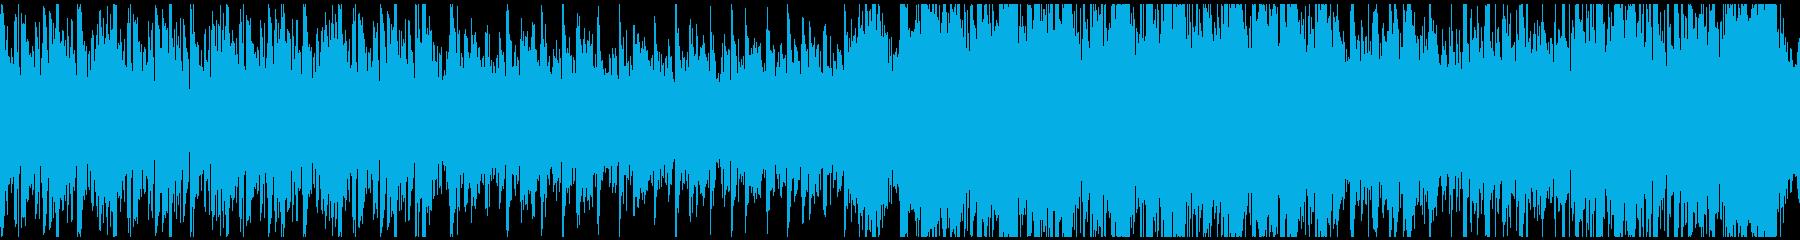 ループ素材 ダンジョン 要塞 洞窟の再生済みの波形